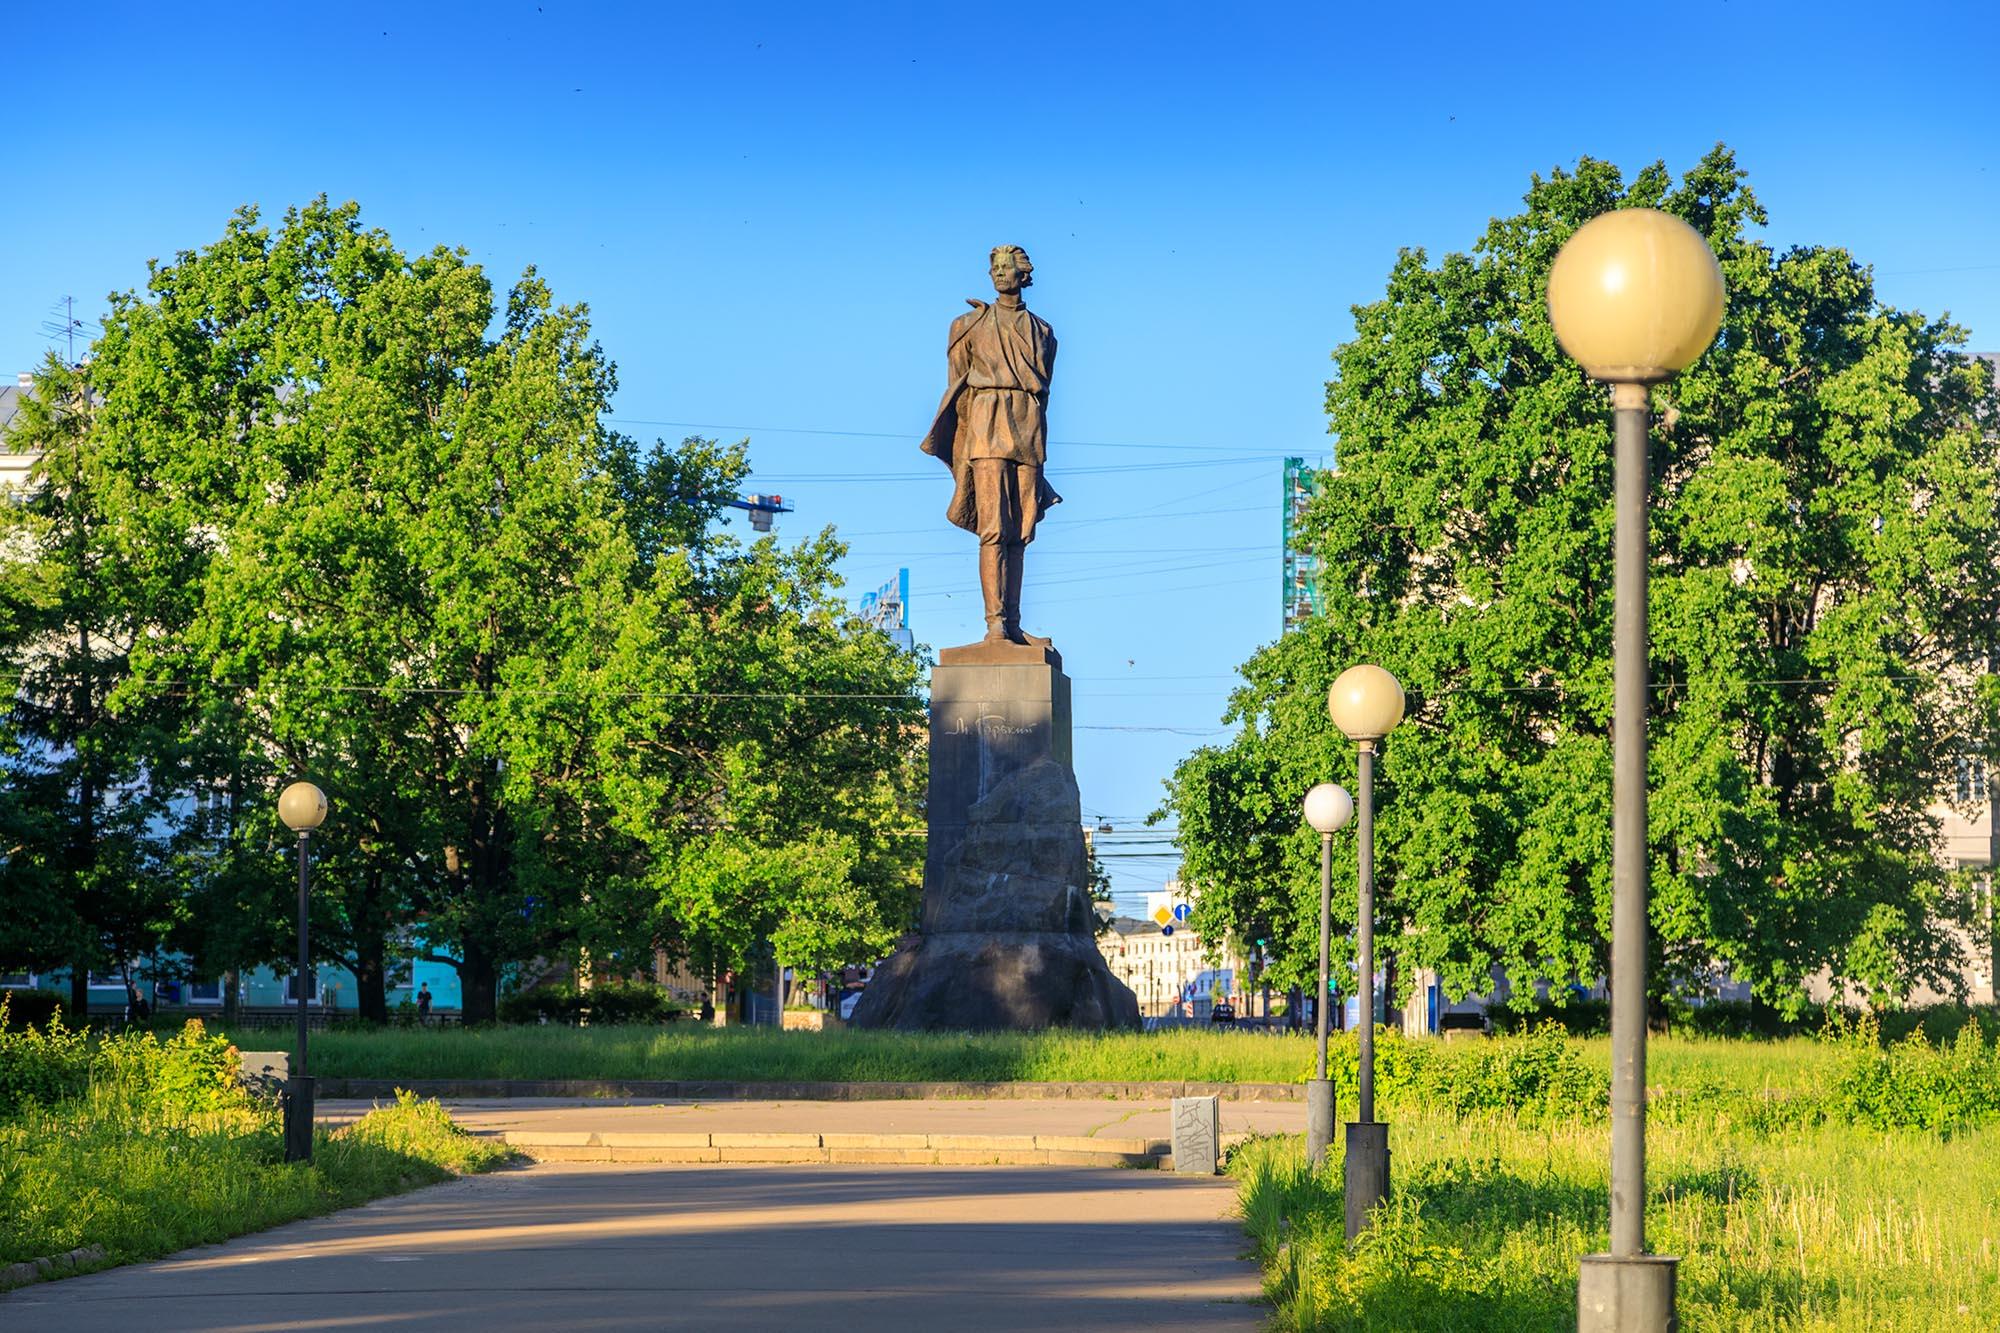 Более 4 млрд рублей планируется направить на реновацию исторического центра Нижнего Новгорода